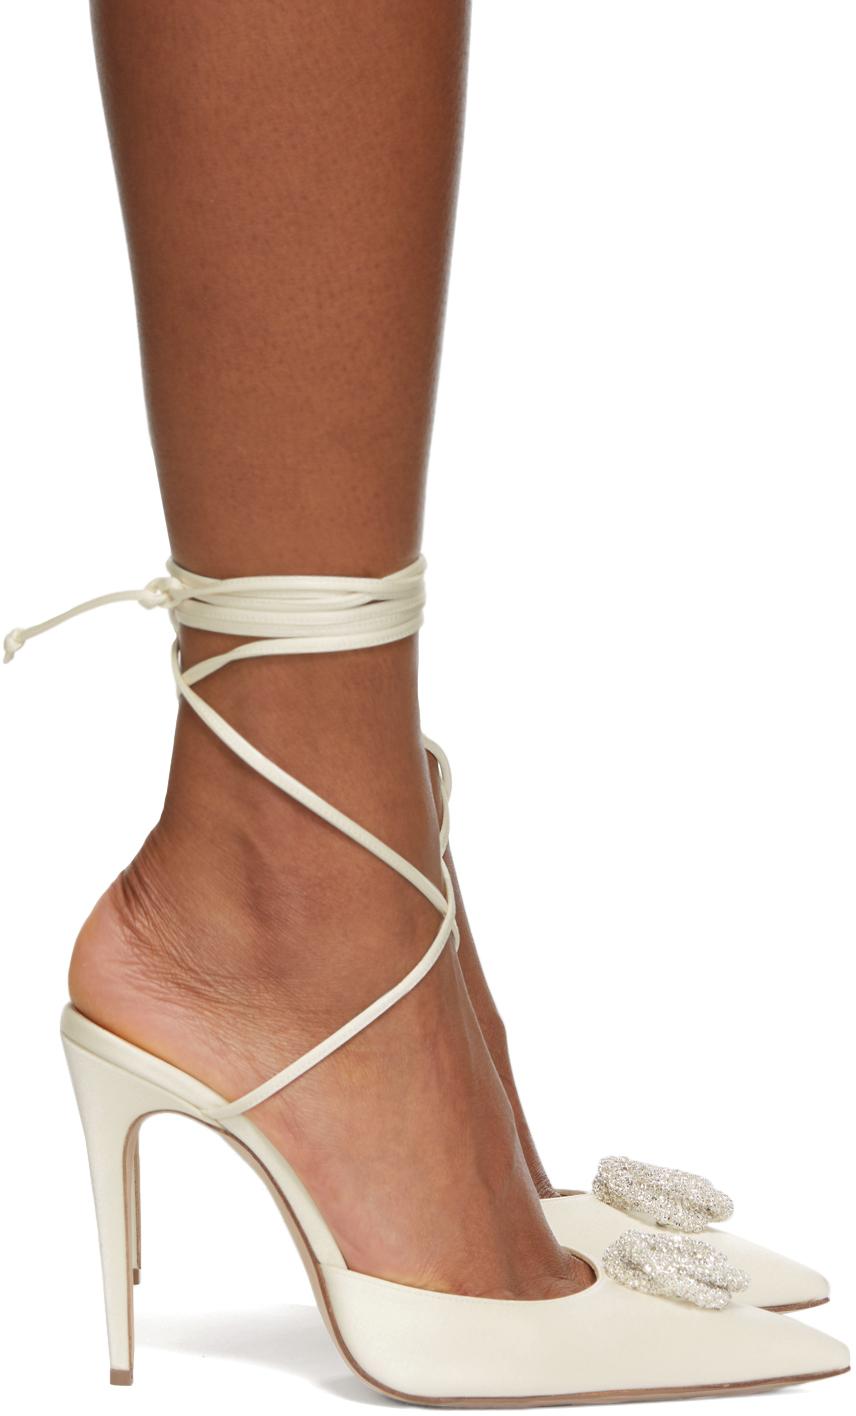 Off-White Silk Wrap Heels